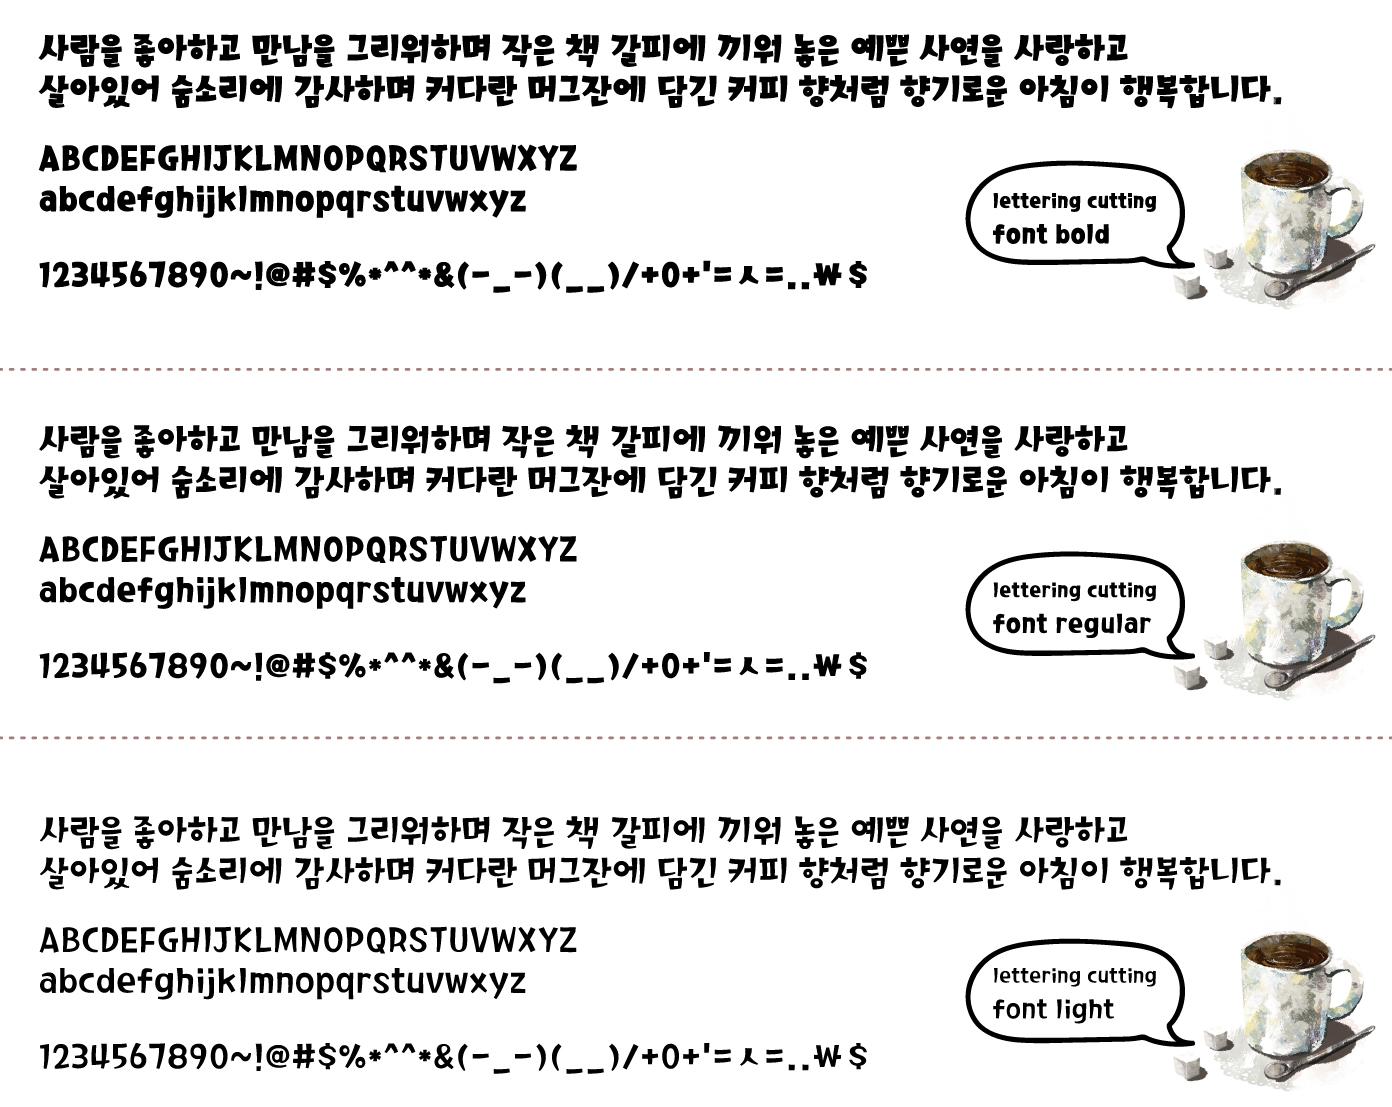 커팅폰트이미지4_동화책-샘플.jpg